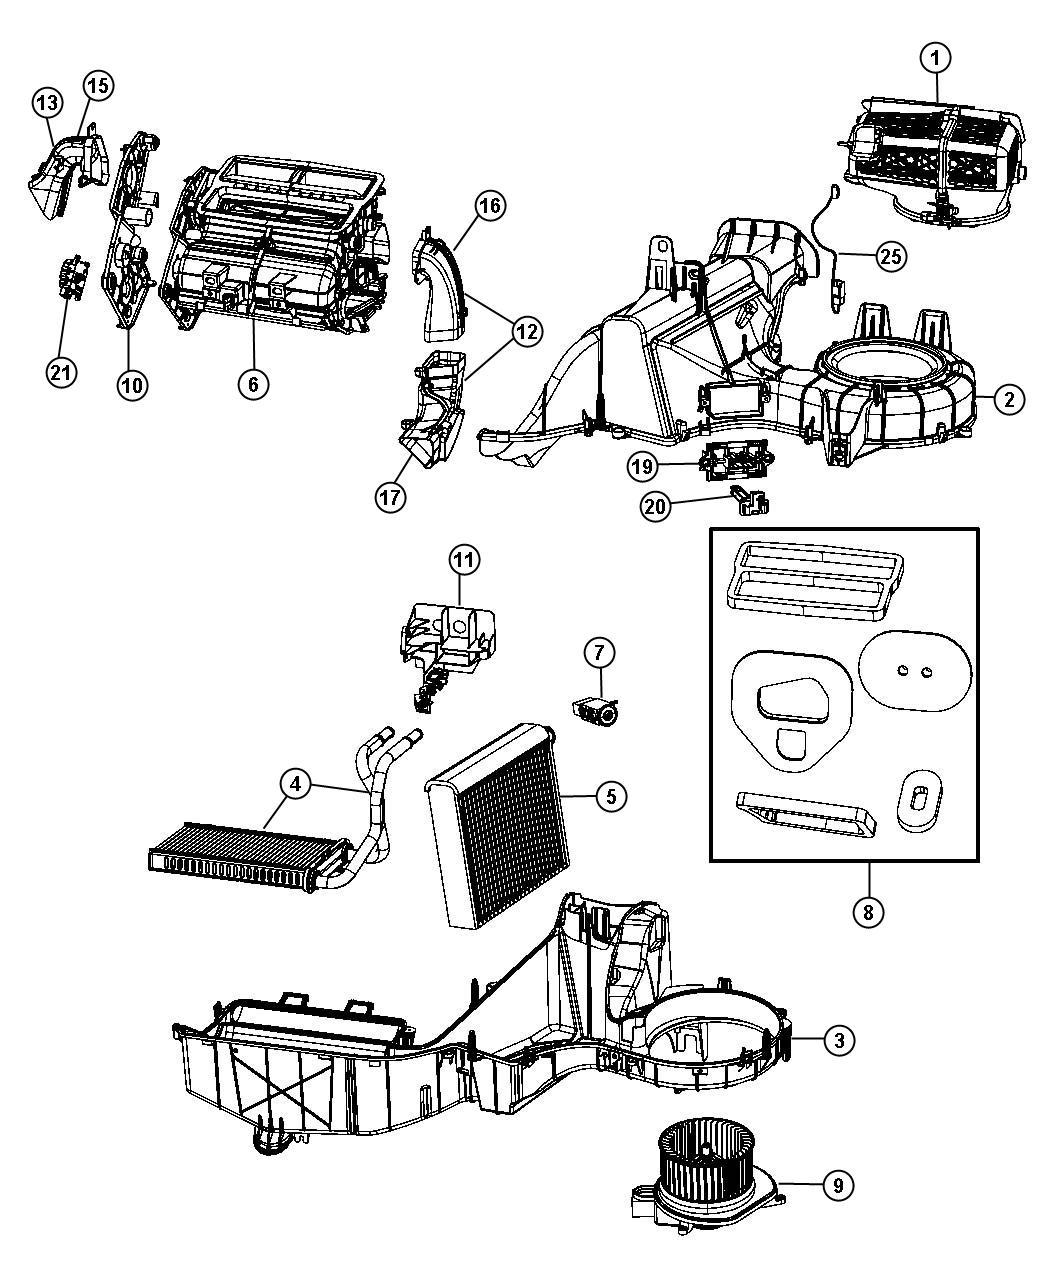 Dodge Nitro Evaporator, evaporator kit. Air conditioning